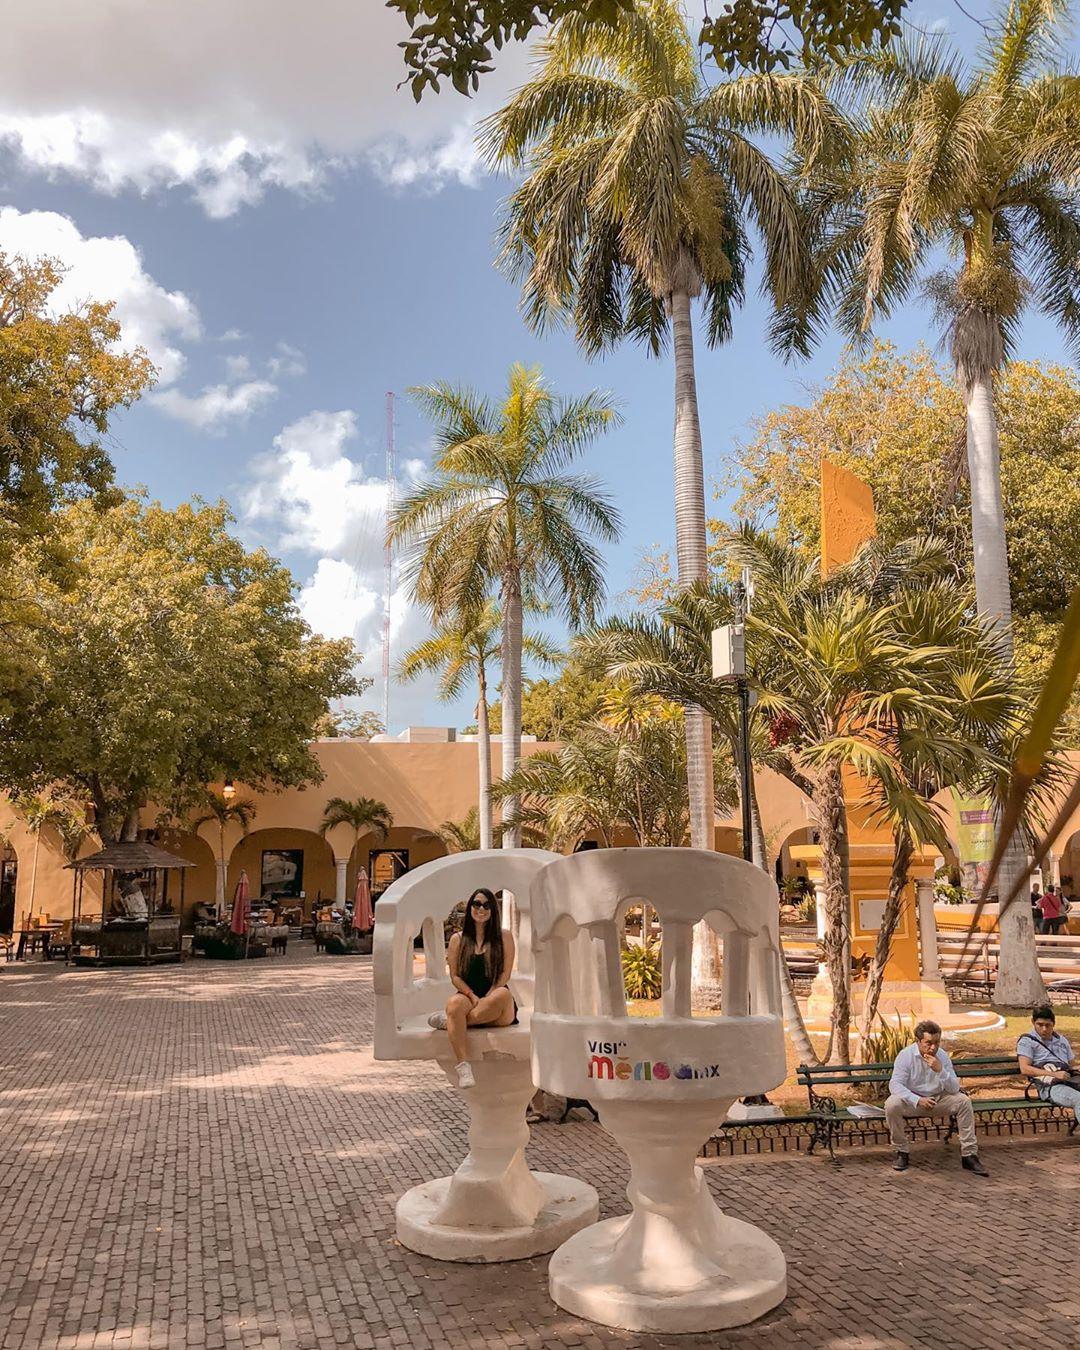 Parque de Santa Lucia Merida Yucatan trova yucateca sillas confidentes TOP Yucatan Instagram merida